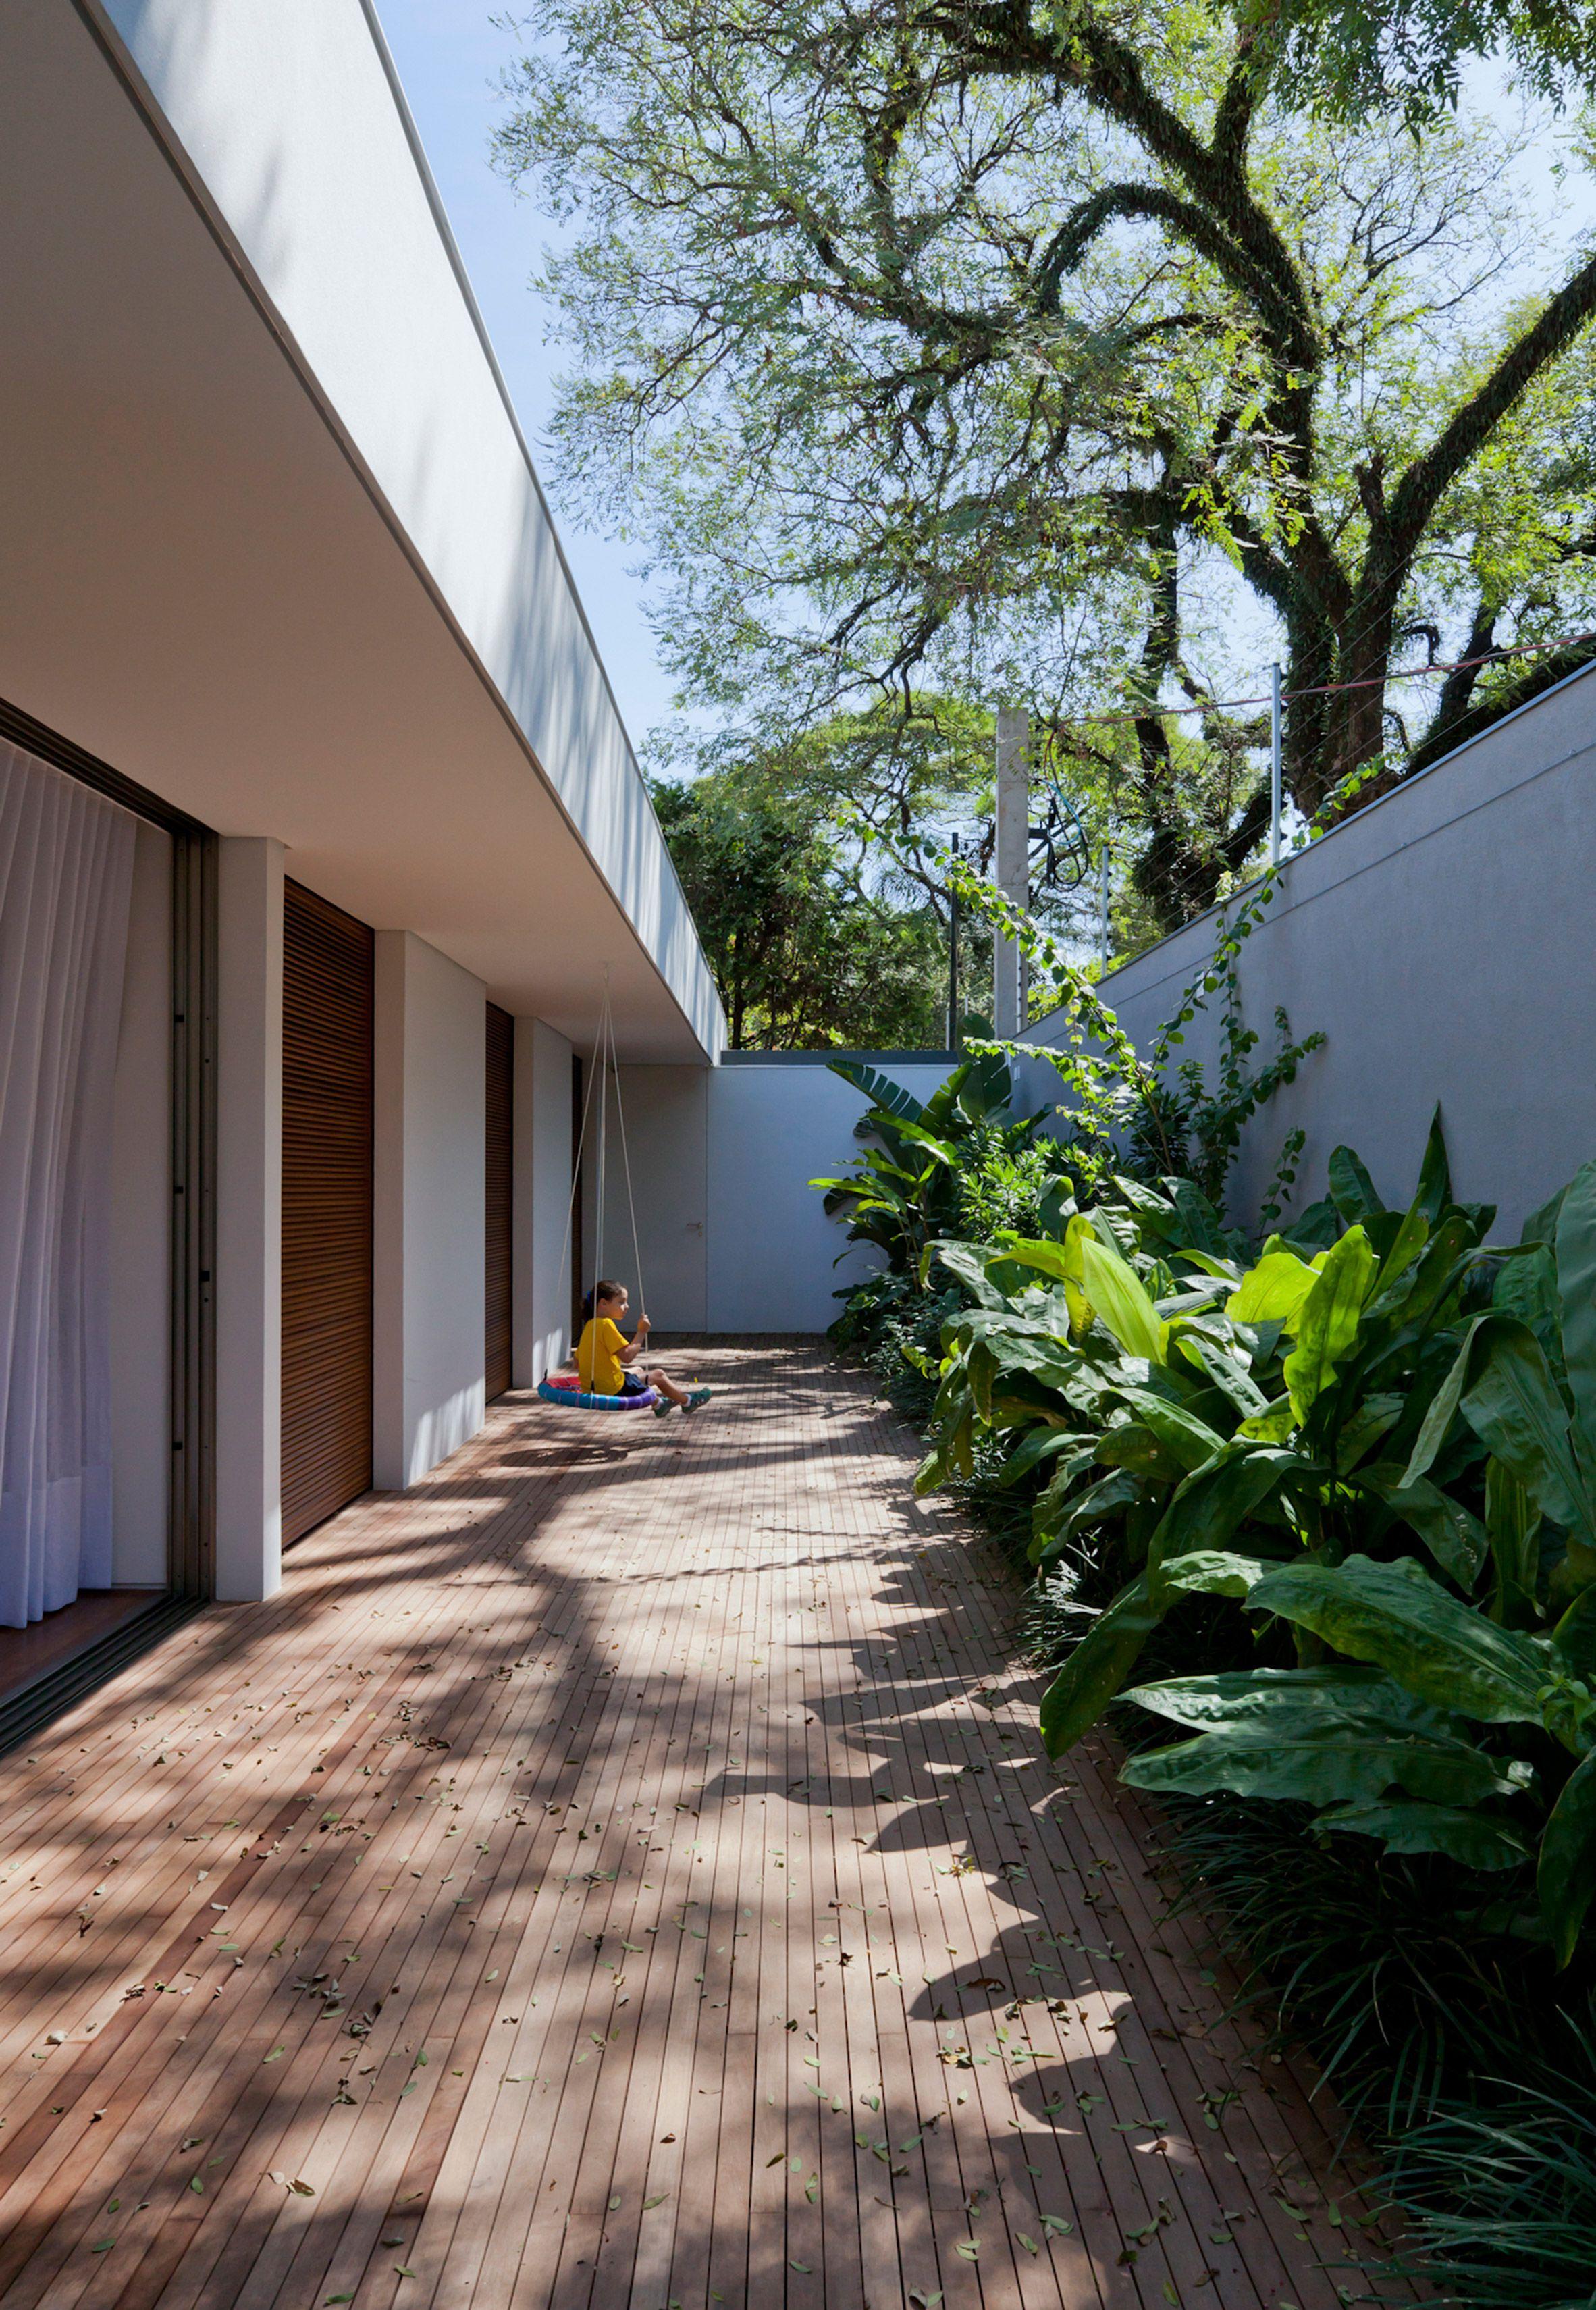 Casa Alto de Pinheiros by AMZ Arquitetos | Patio design ... on Hhh Outdoor Living id=65692